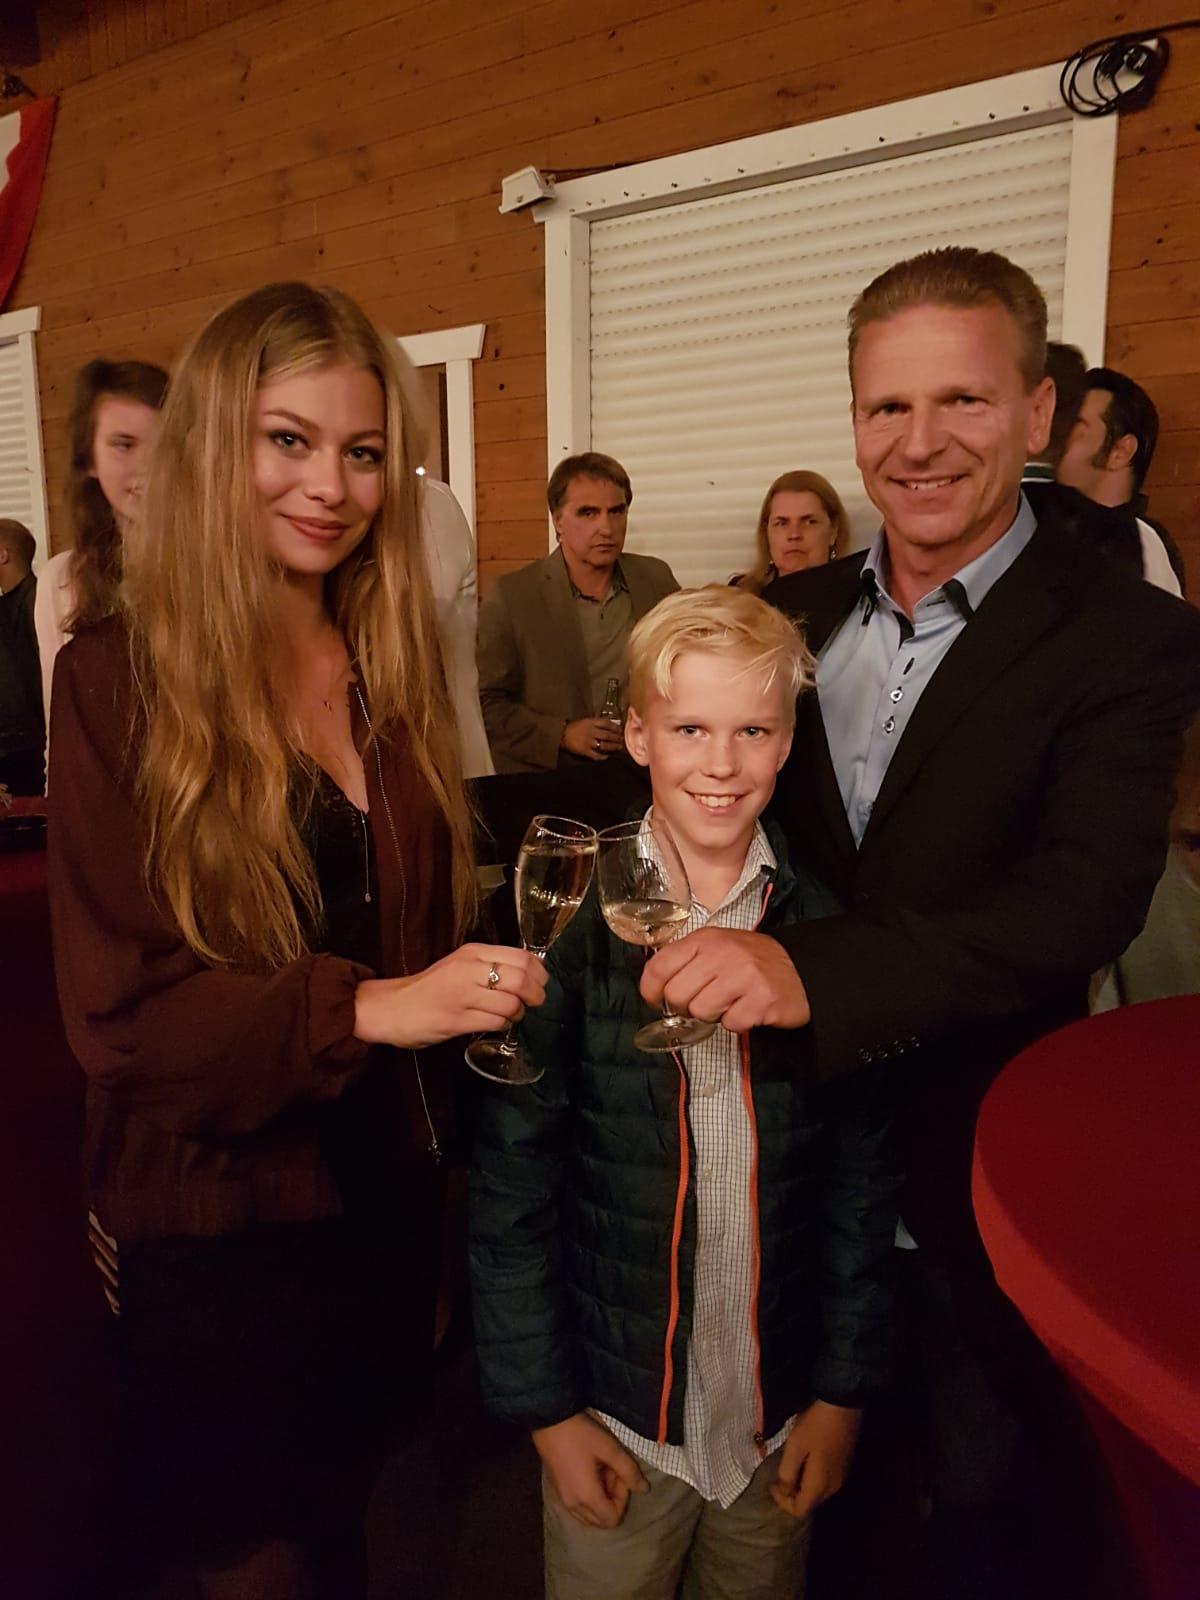 Winzerhof_Weiss_Musicalsommer_Winzendorf_201802